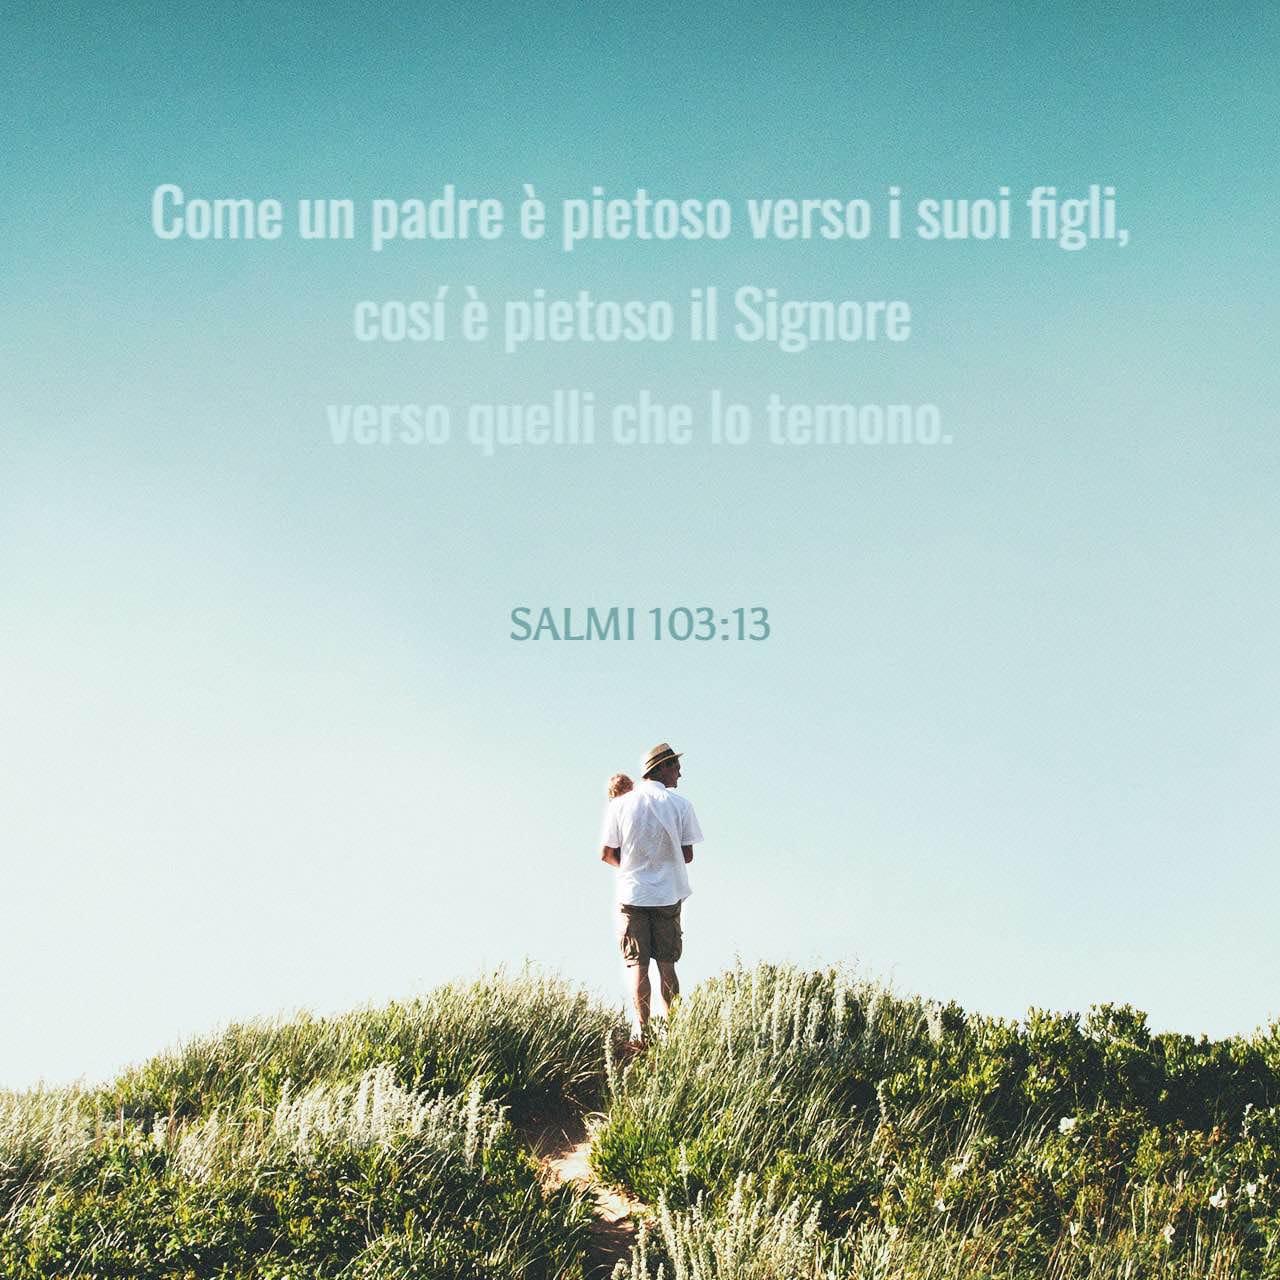 Come un padre è pietoso verso i suoi figli, così è pietoso il SIGNORE verso quelli che lo temono. - Salmo 103:13 - Immagine Versetto